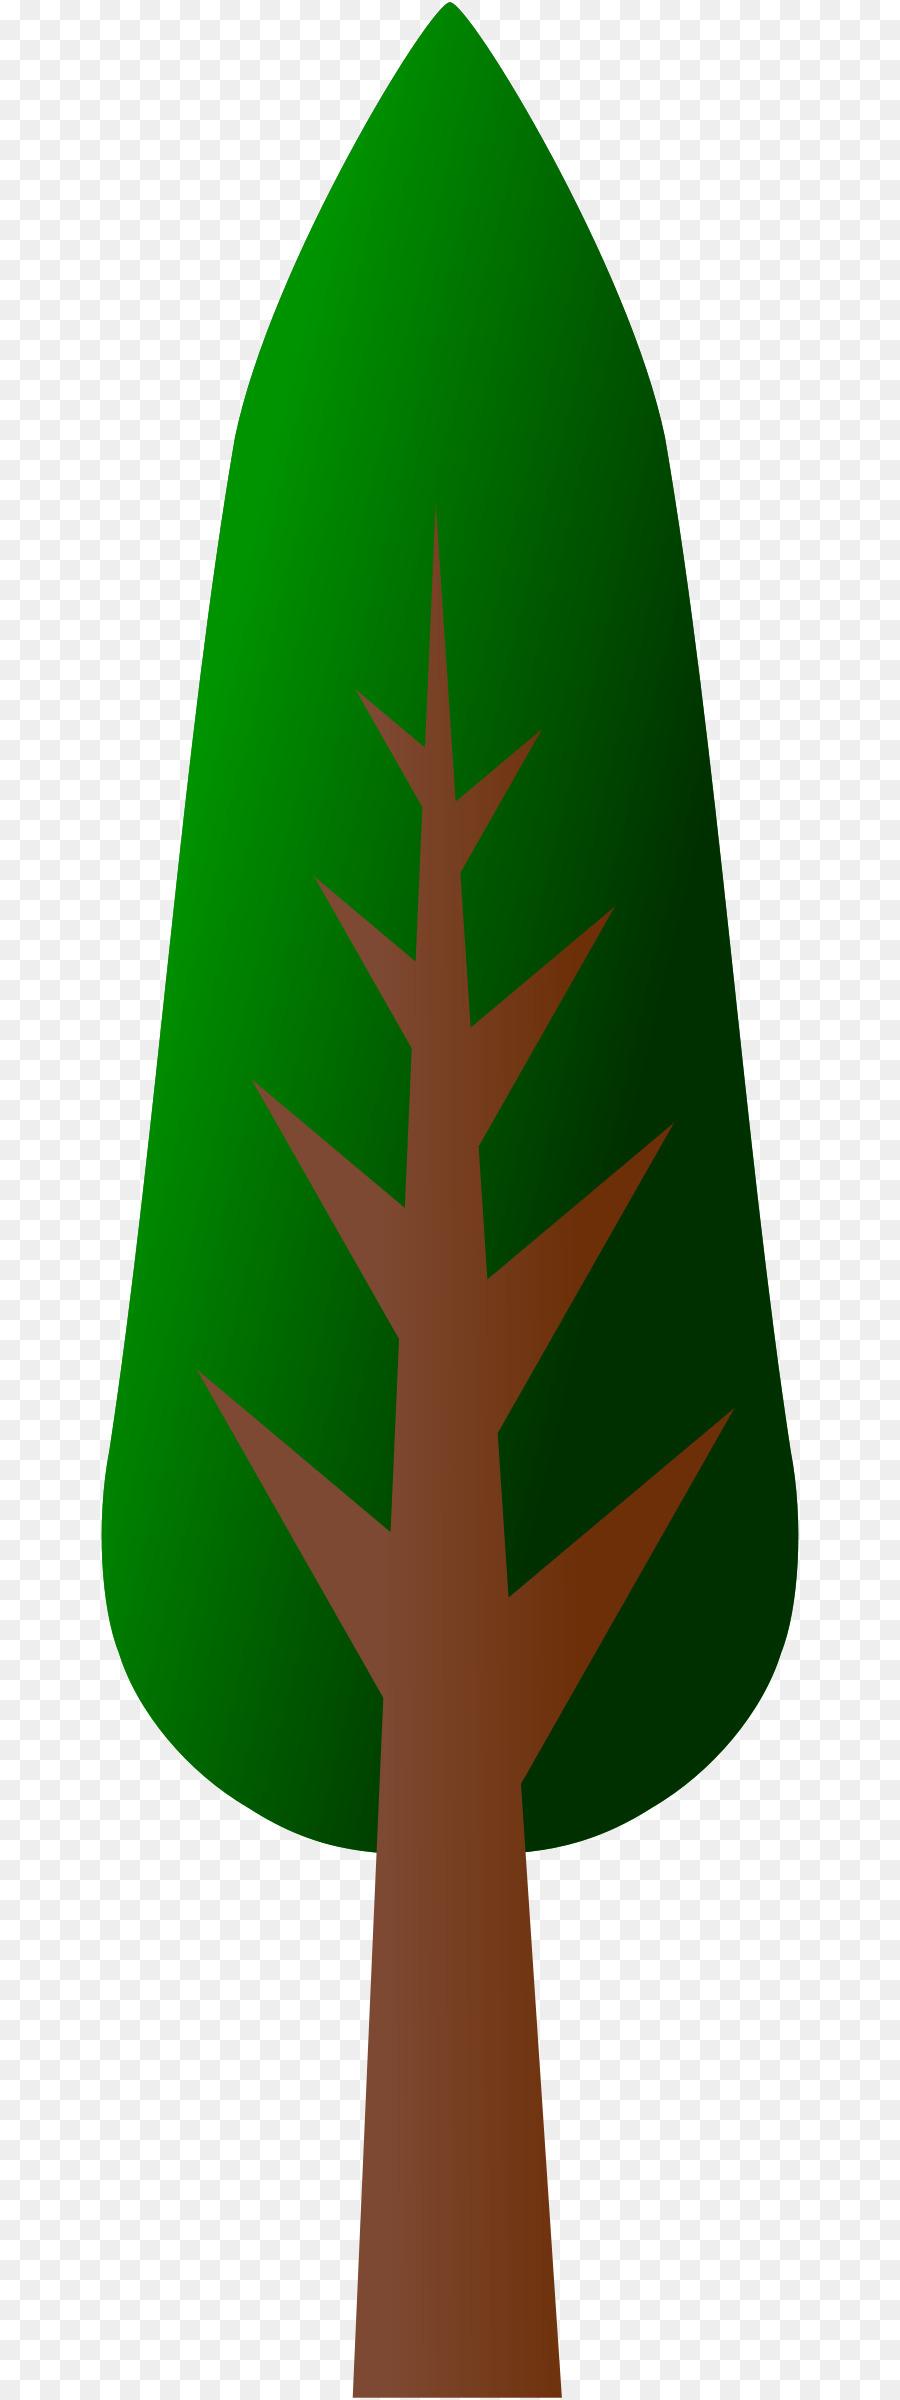 Clip art clipart Fir Tree Clip art